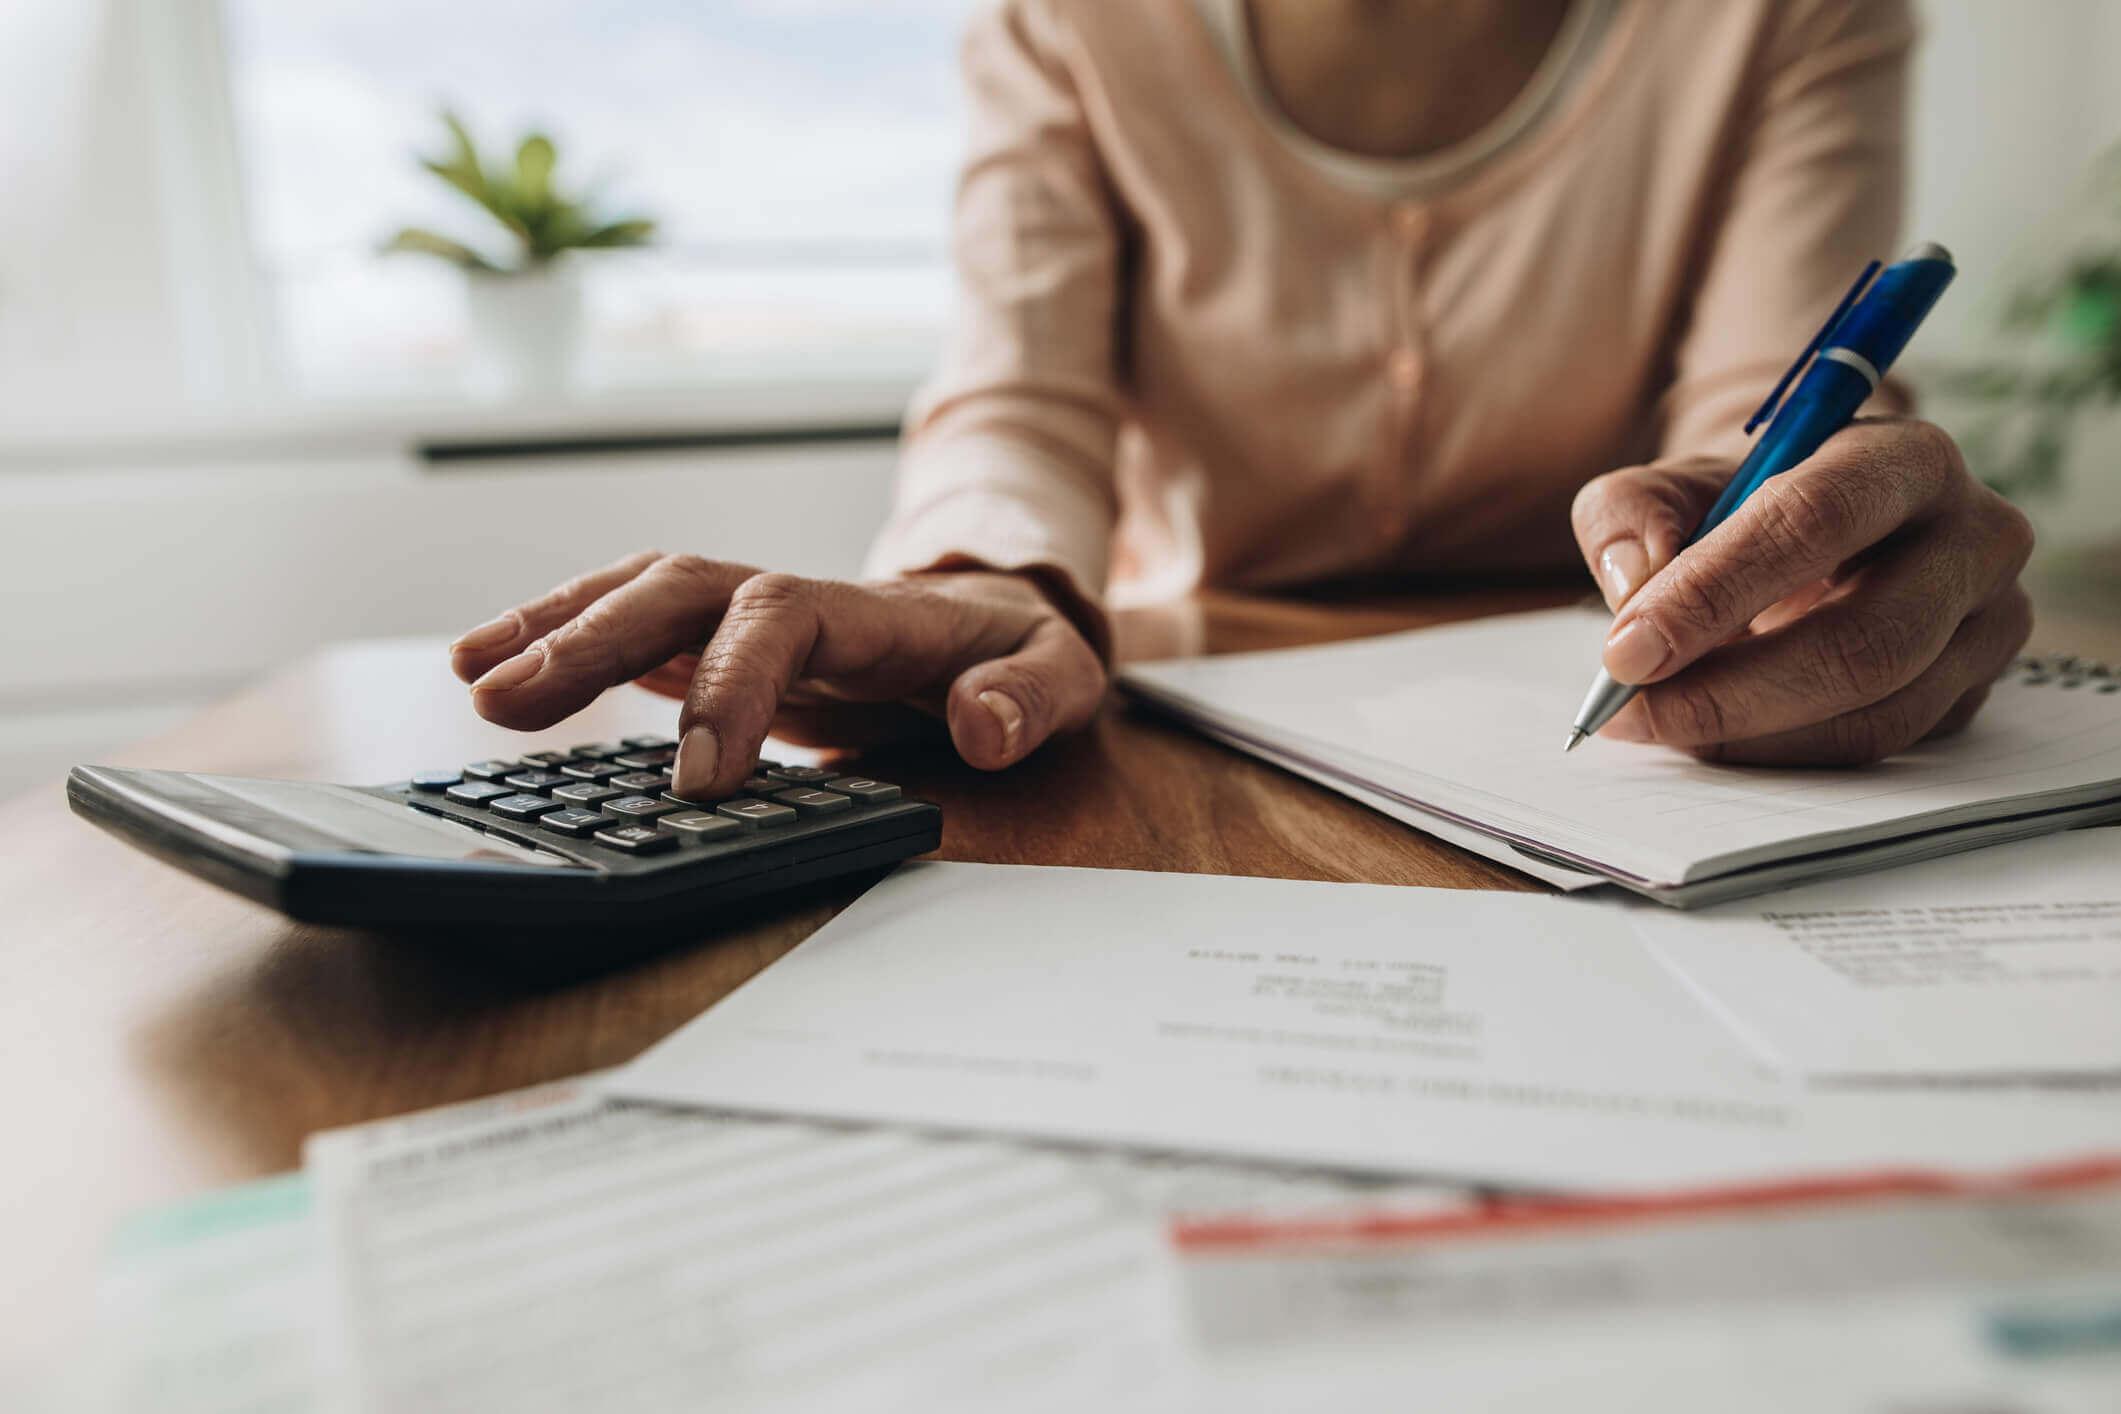 Posso amortizar meu financiamento? Qual é a melhor forma?